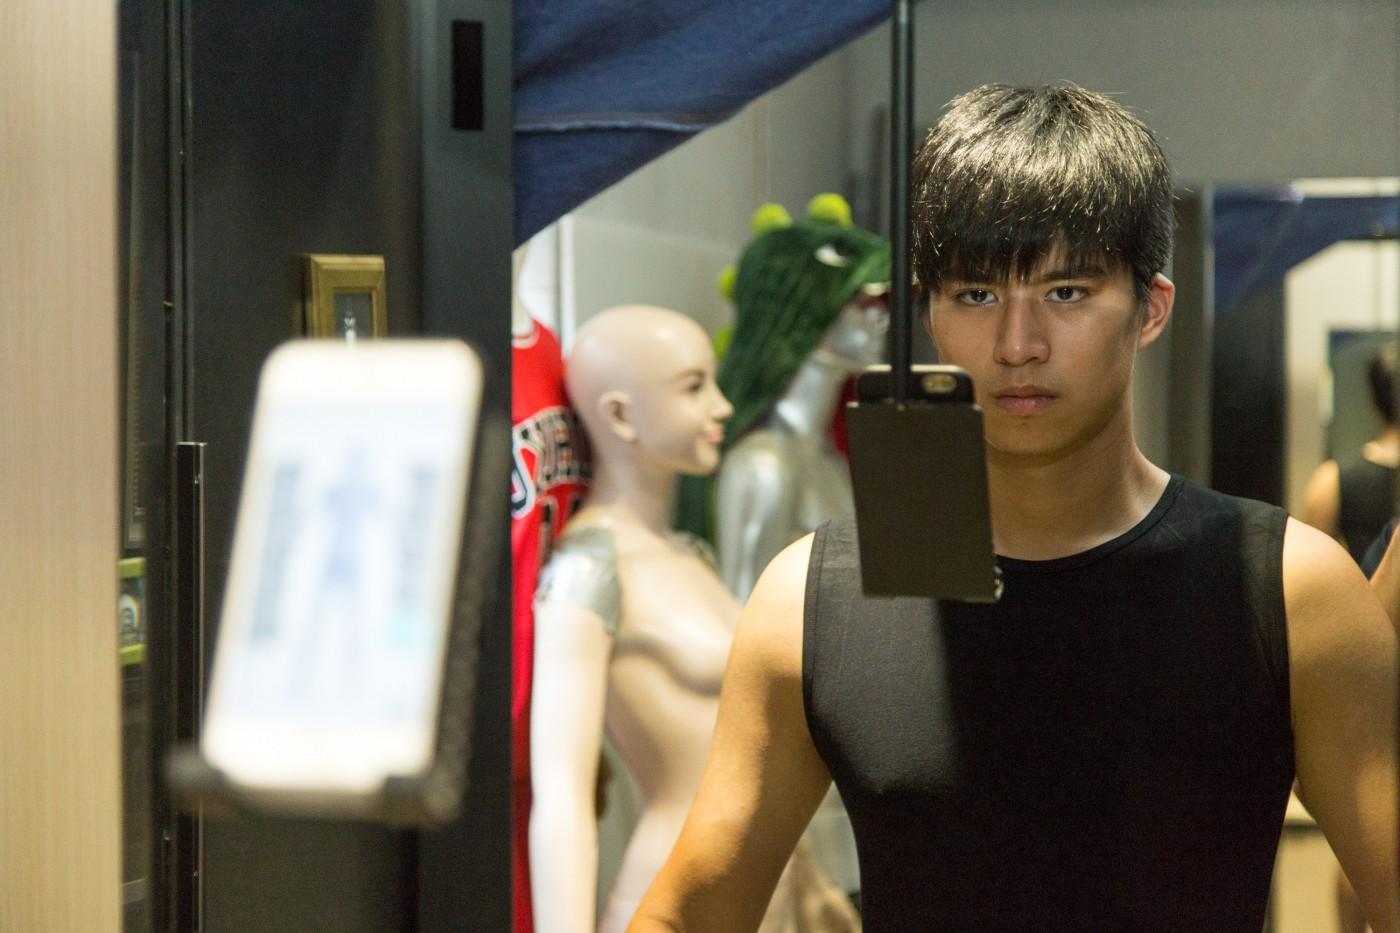 不是你去配衣服,是讓衣服來配你! TG3D Studio 開啟數位化人體的新境界